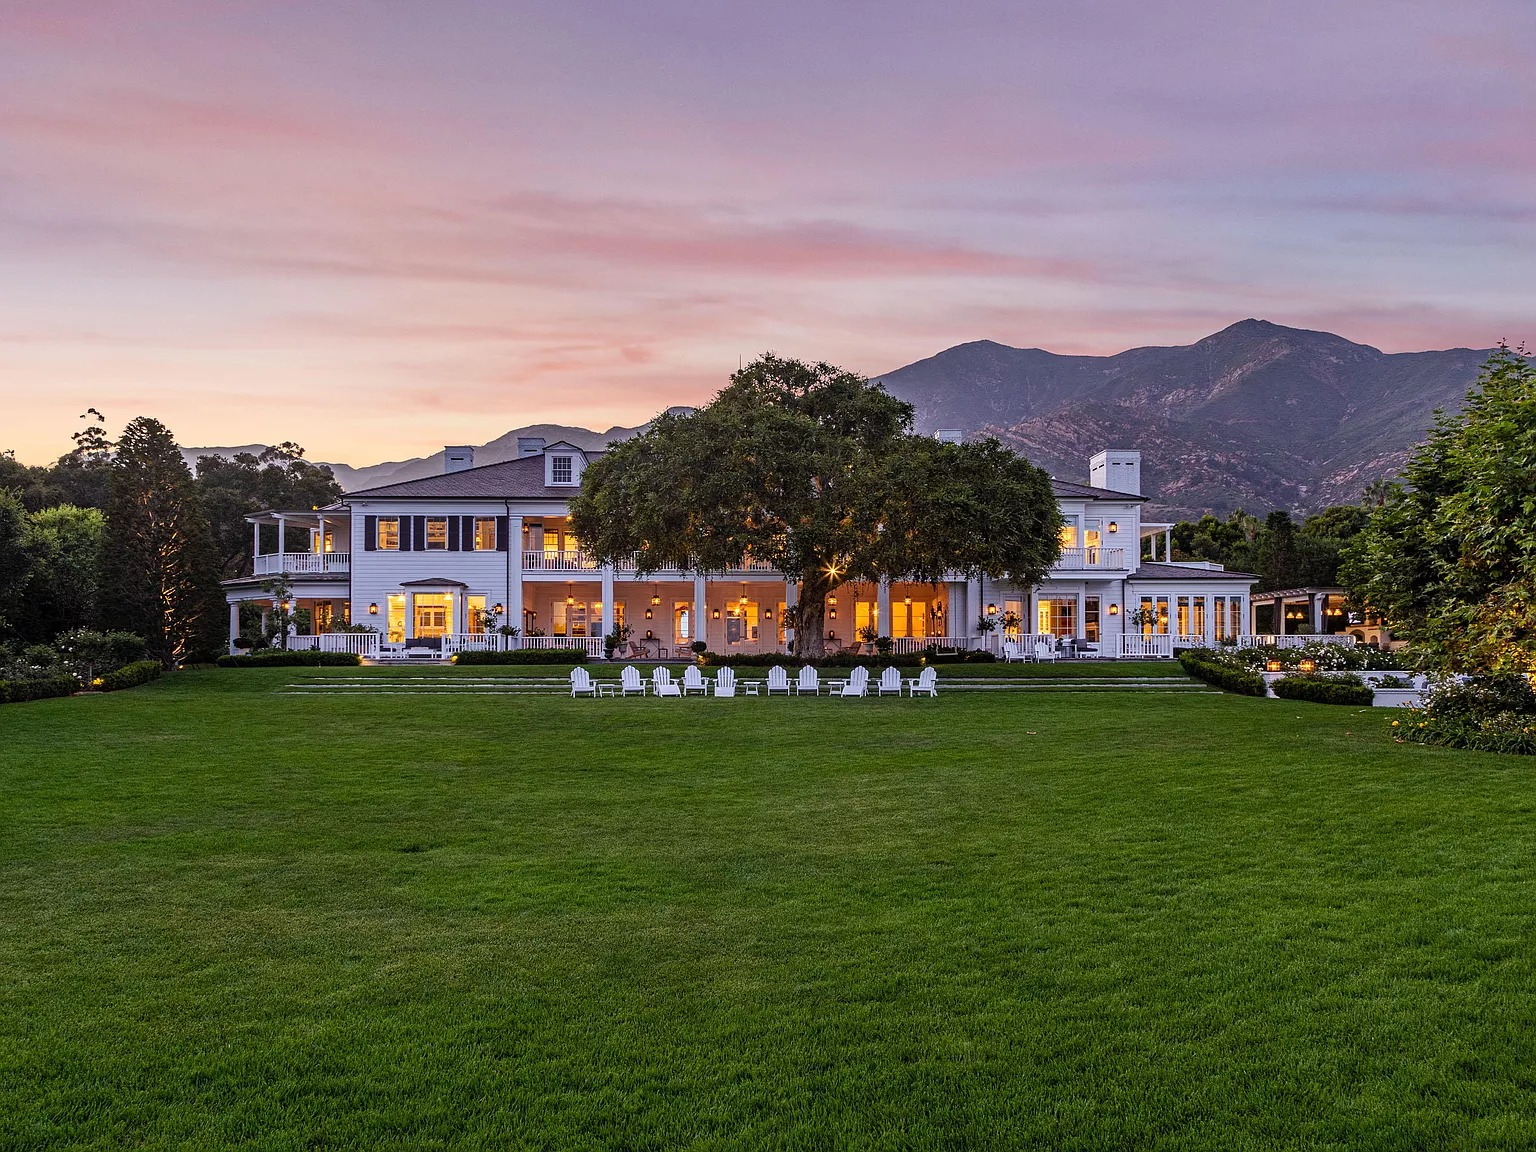 Oakview Picacho Ln,Montecito, CA 93108